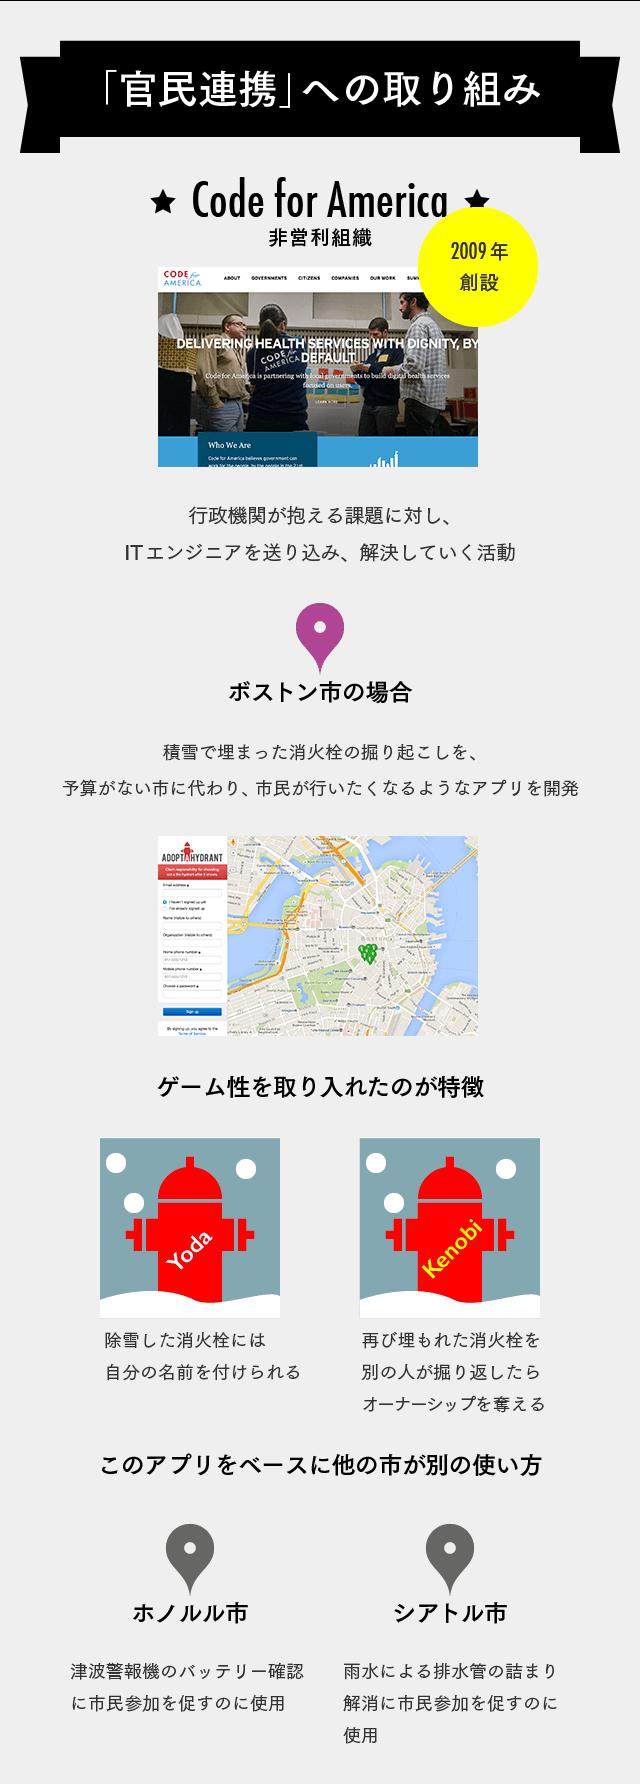 【マスター】はじめてのオープンガバメント_20150828-05